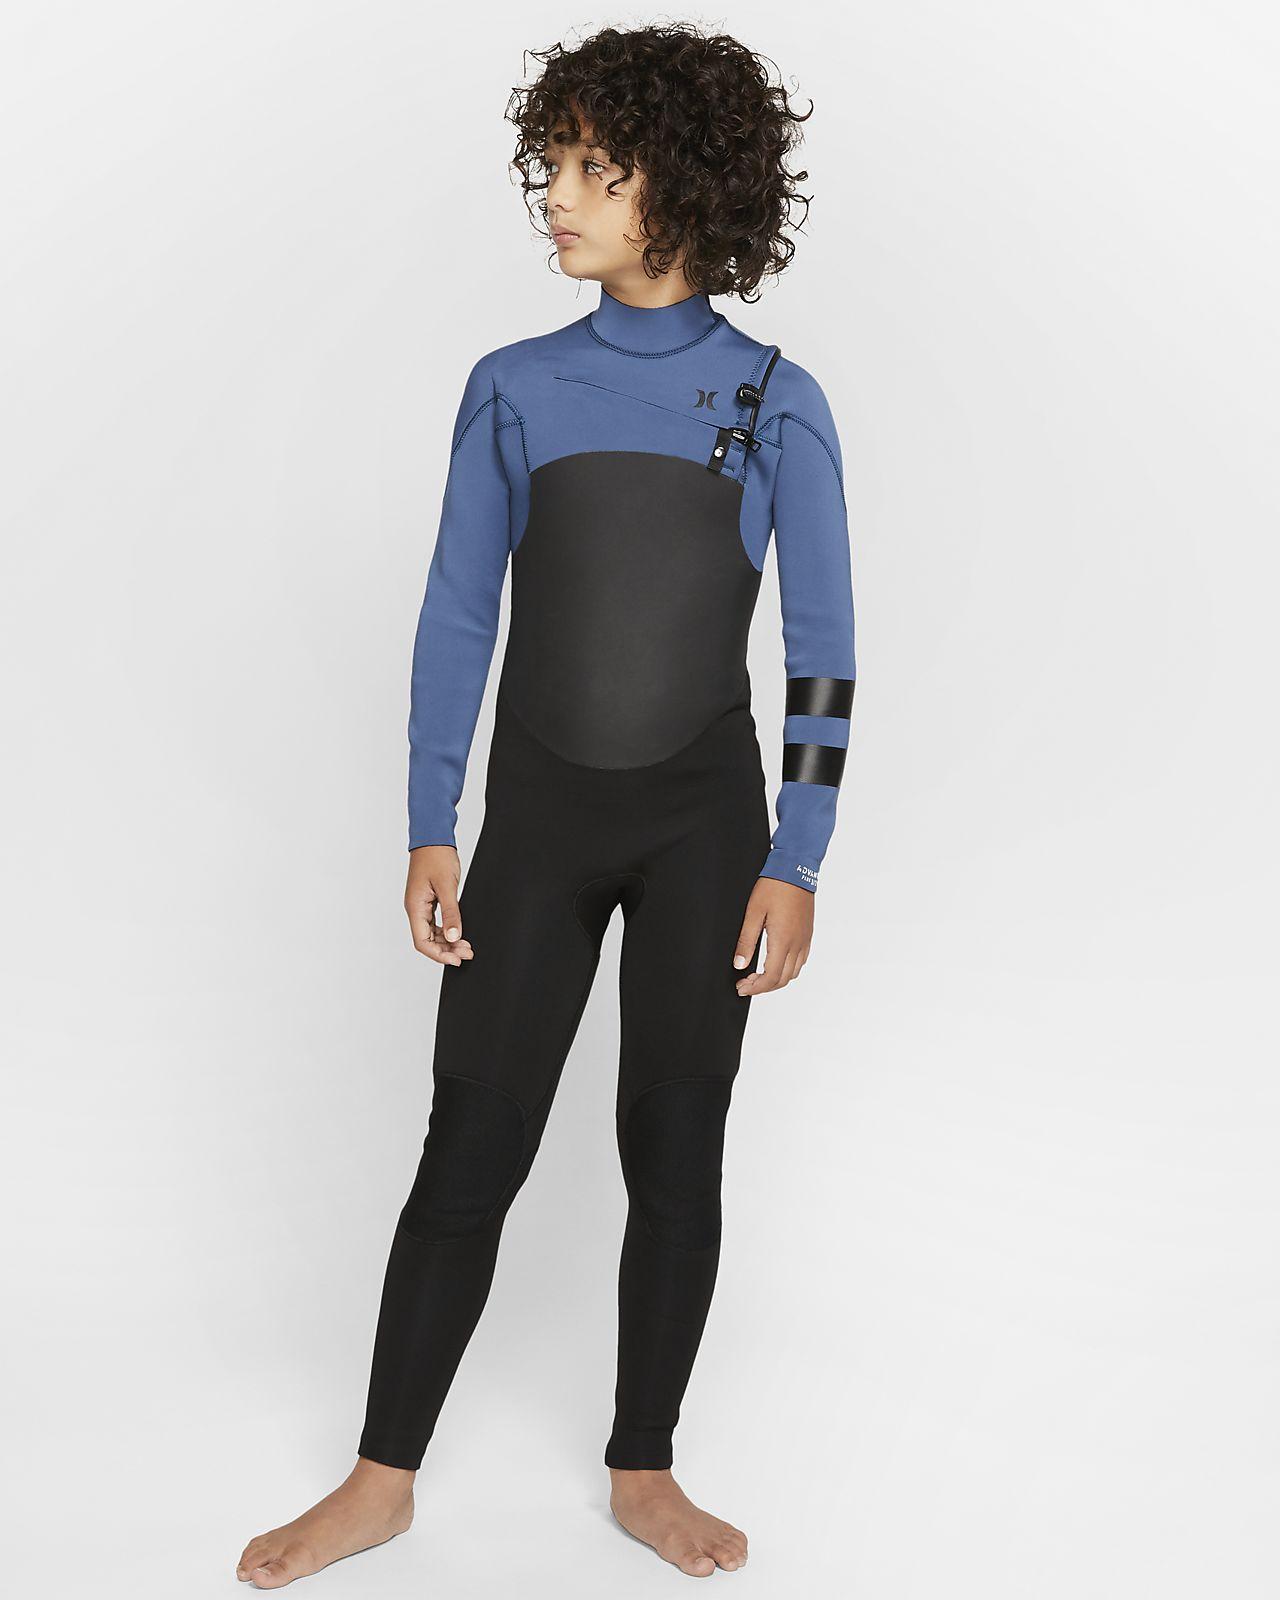 Hurley Advantage Plus 3/2mm Fullsuit Kinder-Neoprenanzug